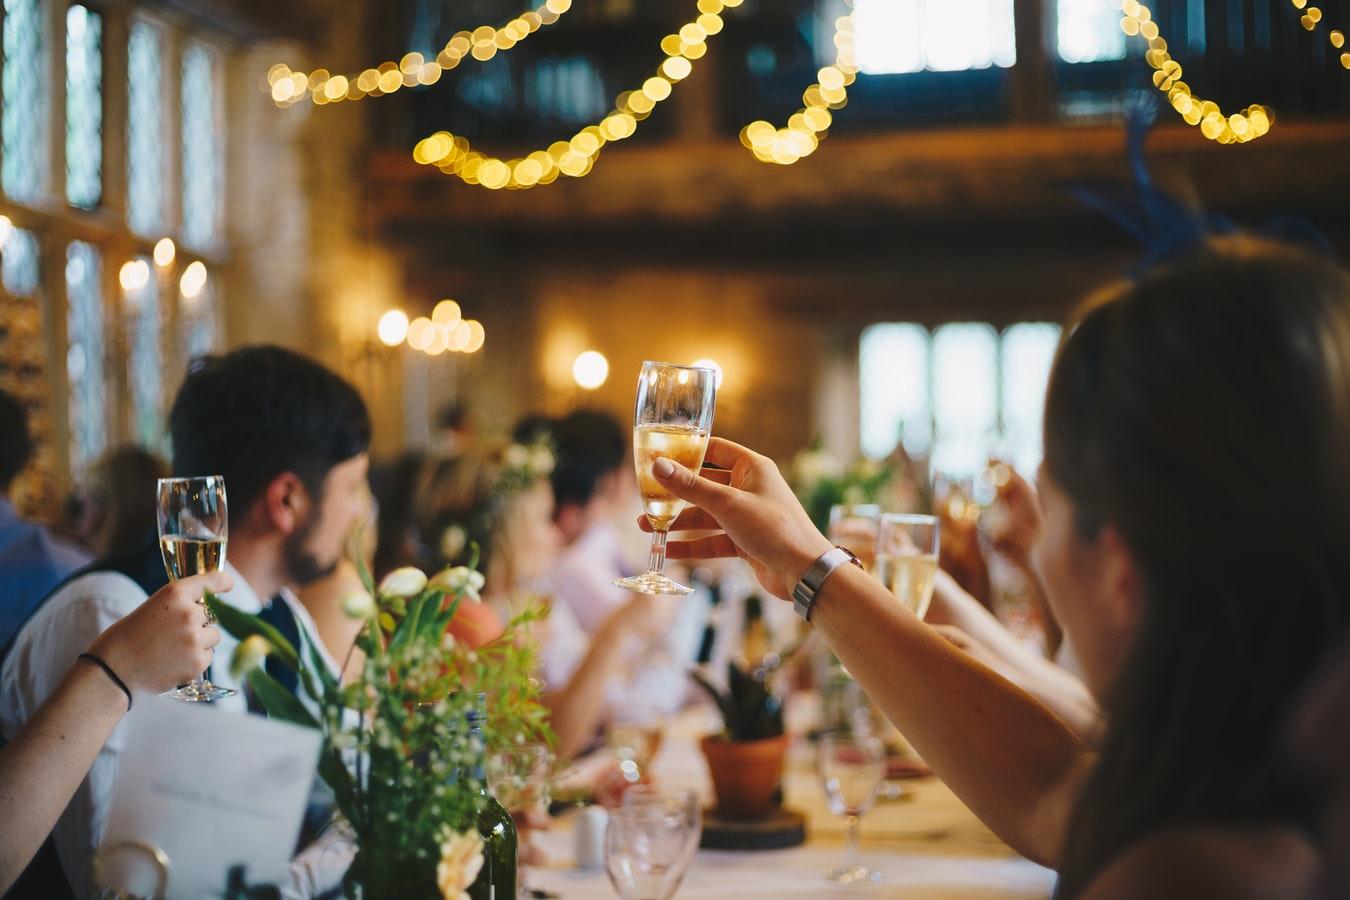 早く結婚したい……けど焦ったら逆効果?知られていない婚活の秘訣3選!